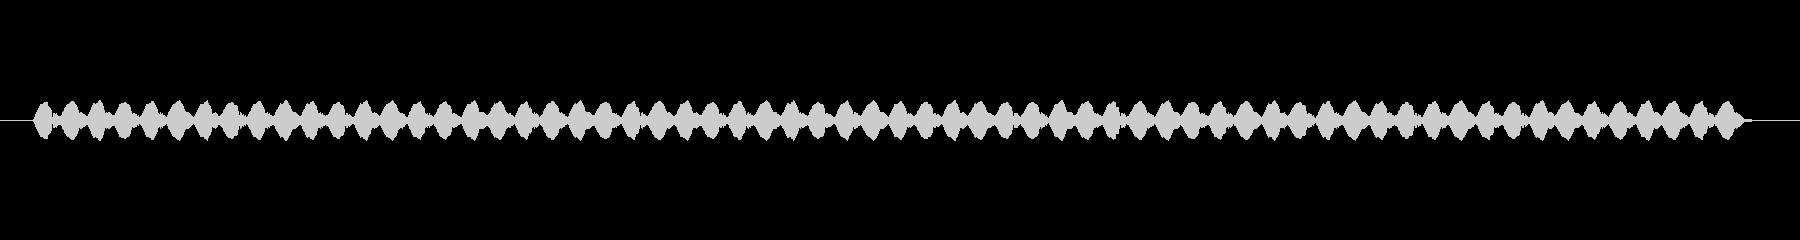 【慌てる03-1】の未再生の波形